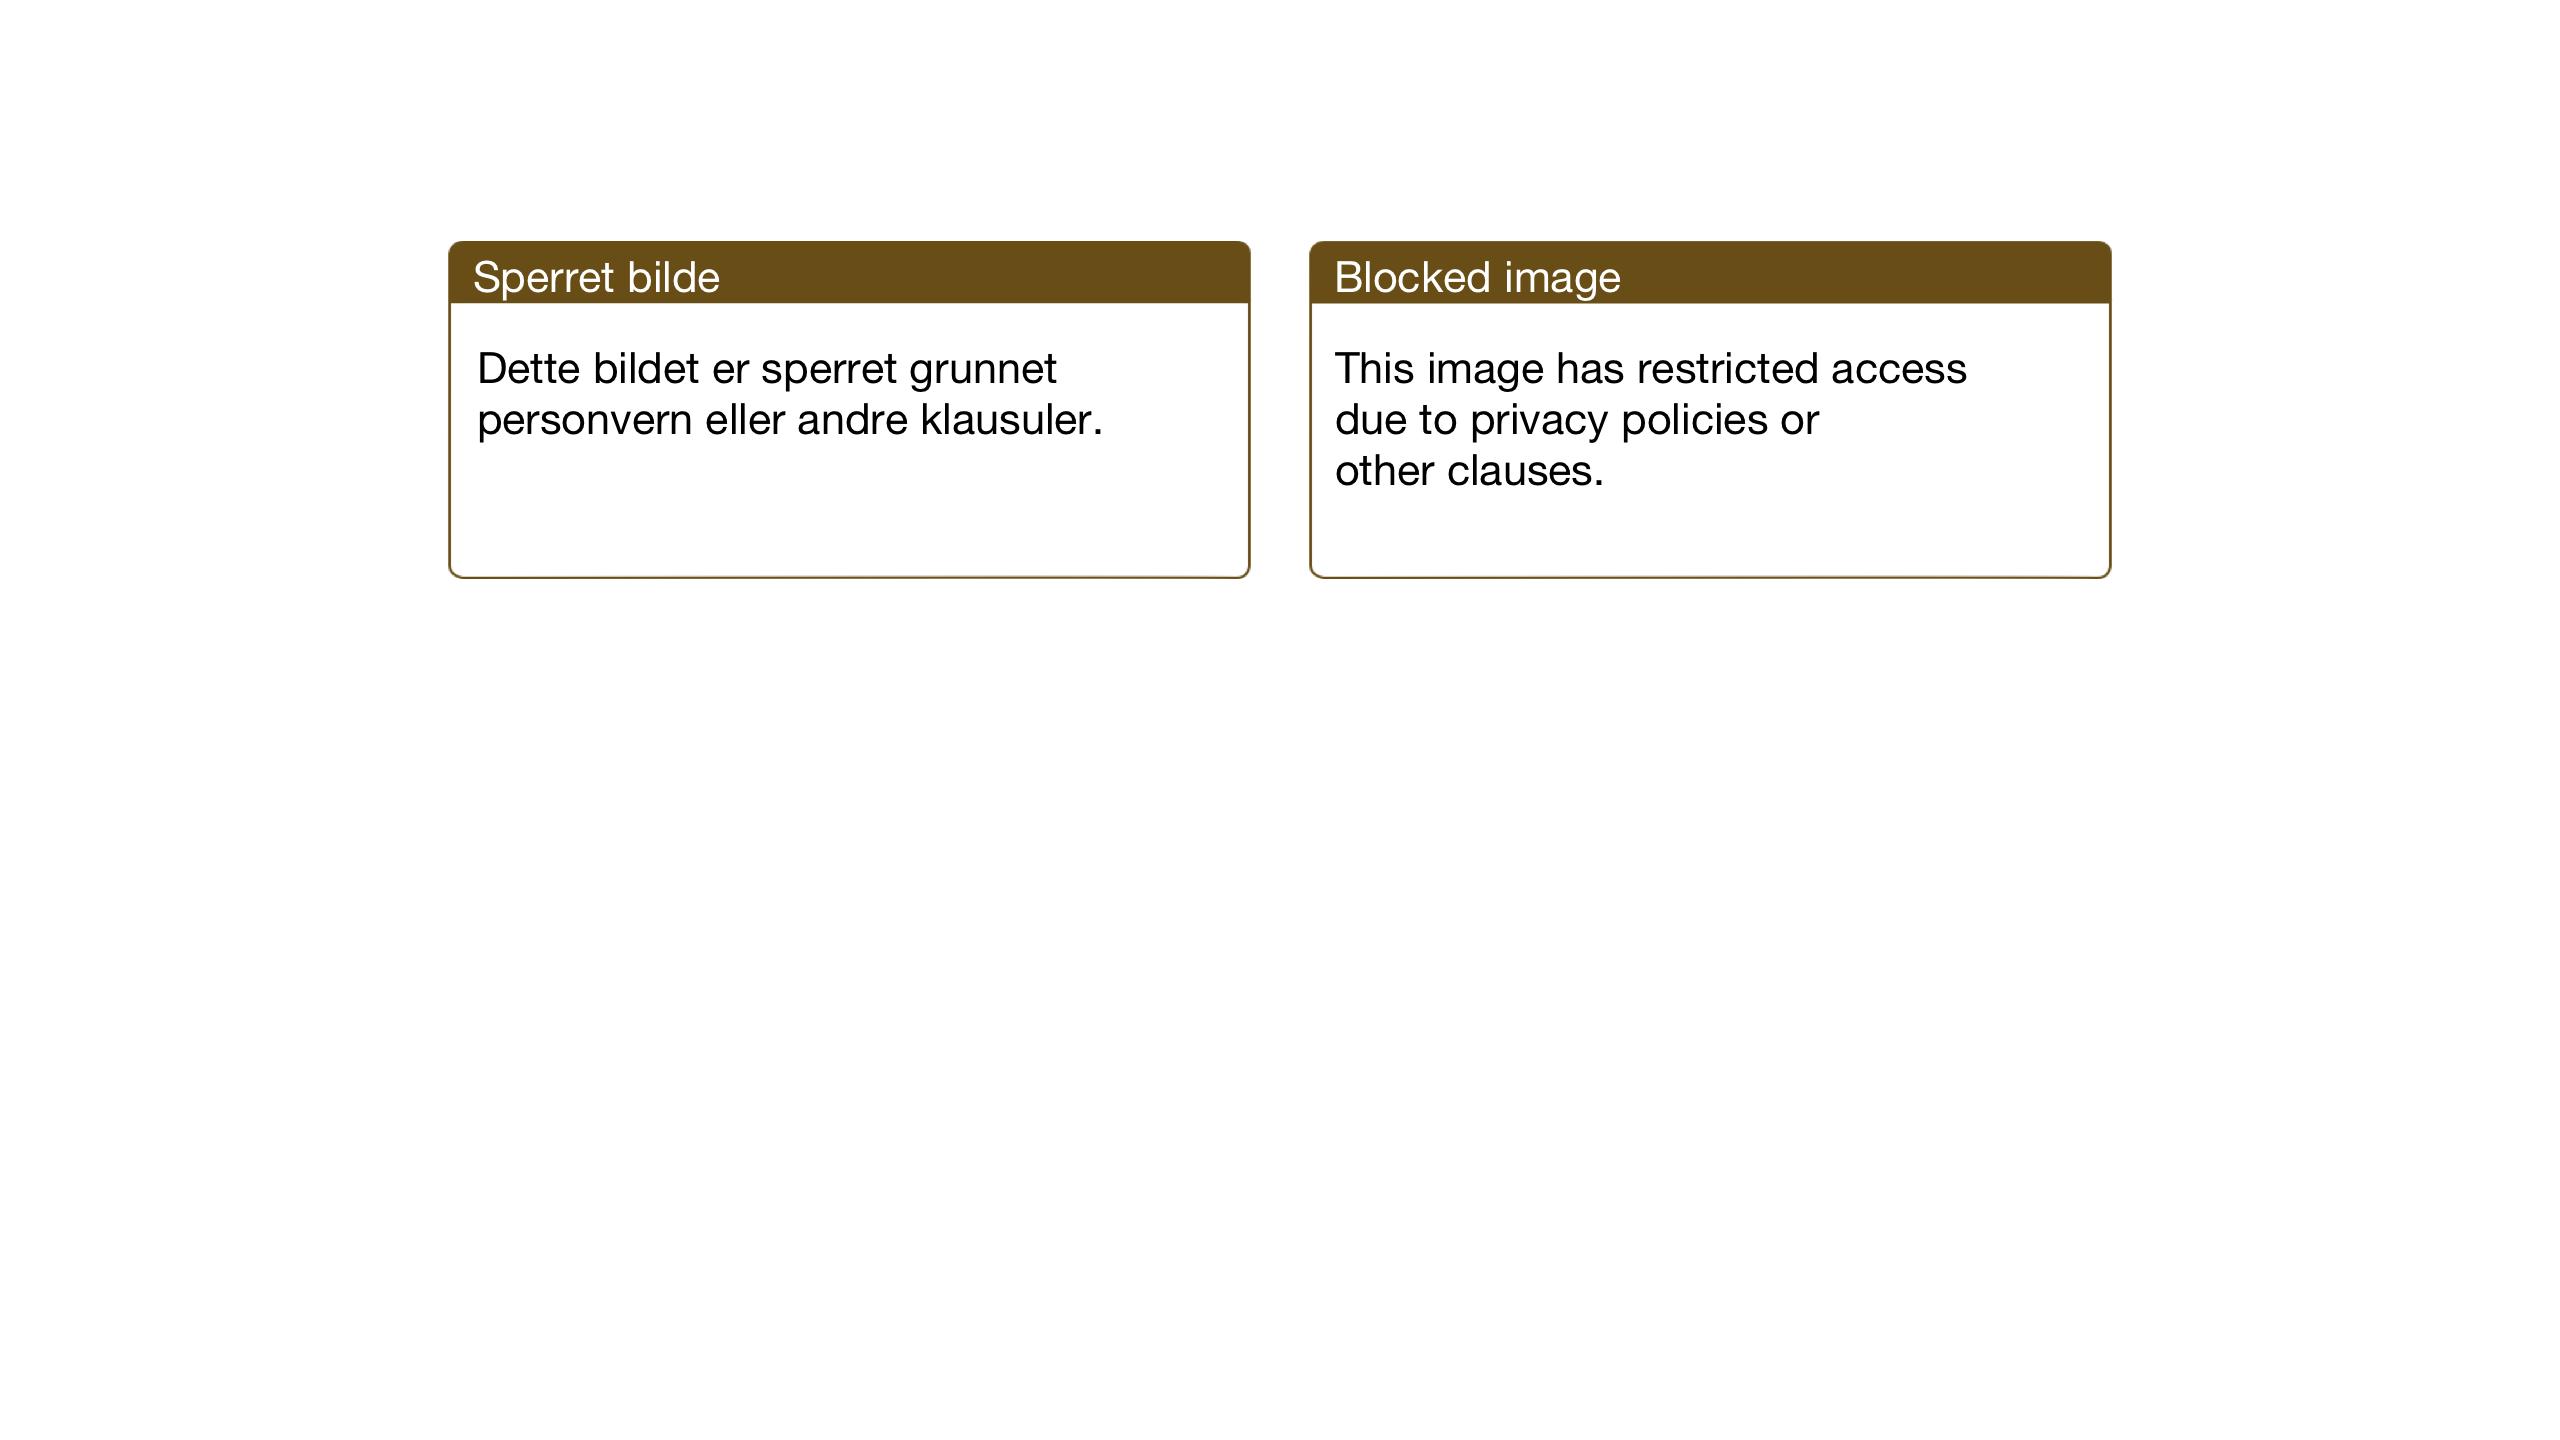 SAT, Ministerialprotokoller, klokkerbøker og fødselsregistre - Nord-Trøndelag, 749/L0481: Klokkerbok nr. 749C03, 1933-1945, s. 95